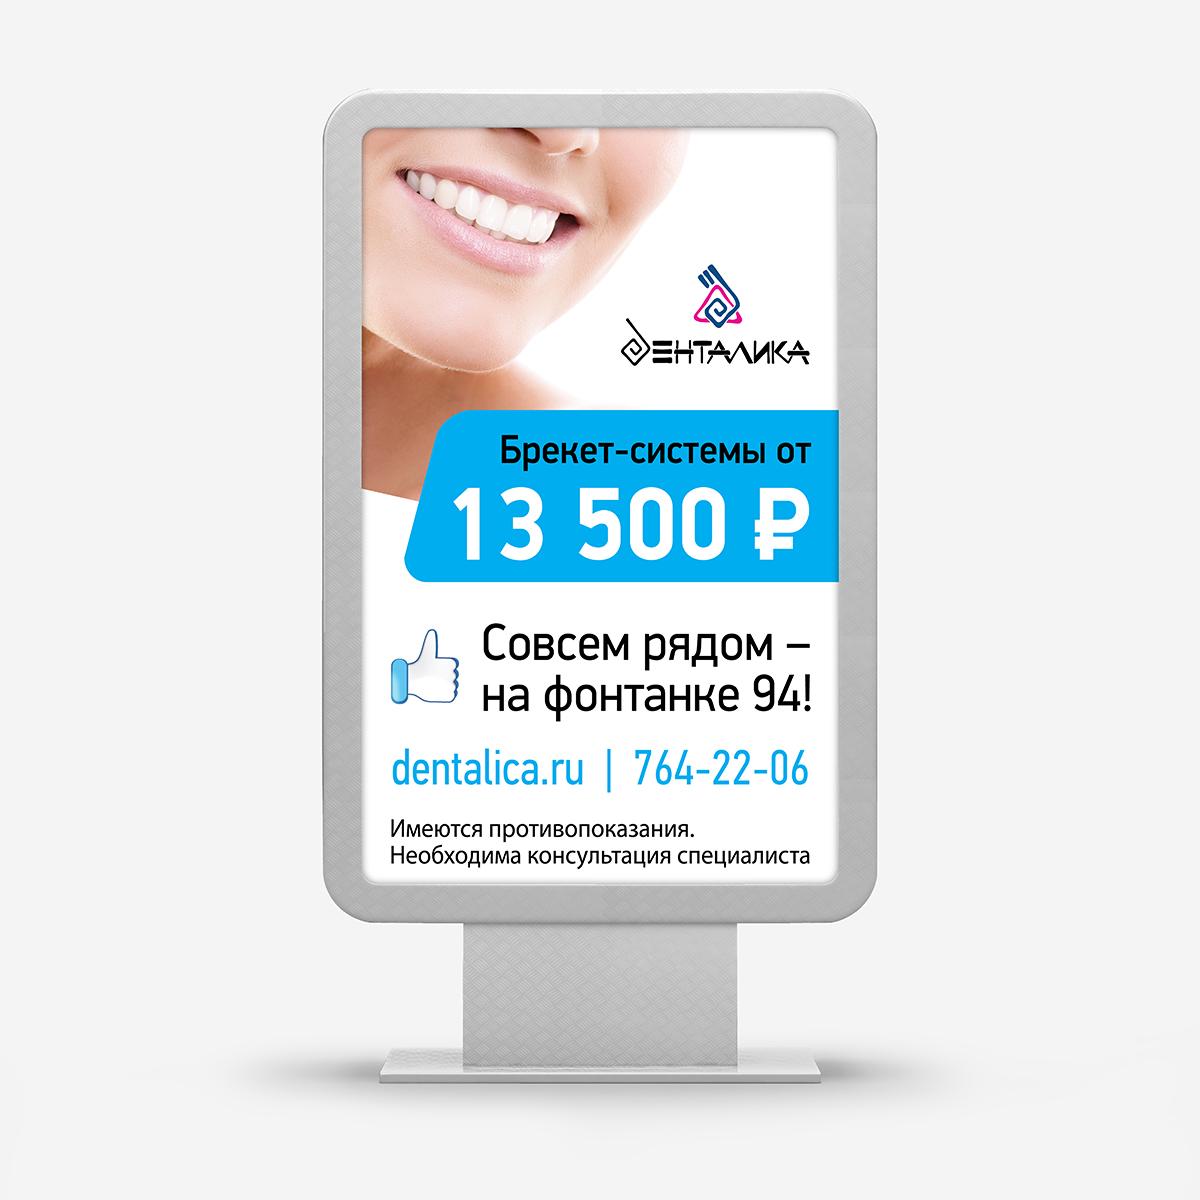 баннер стоматологической клиники Денталика